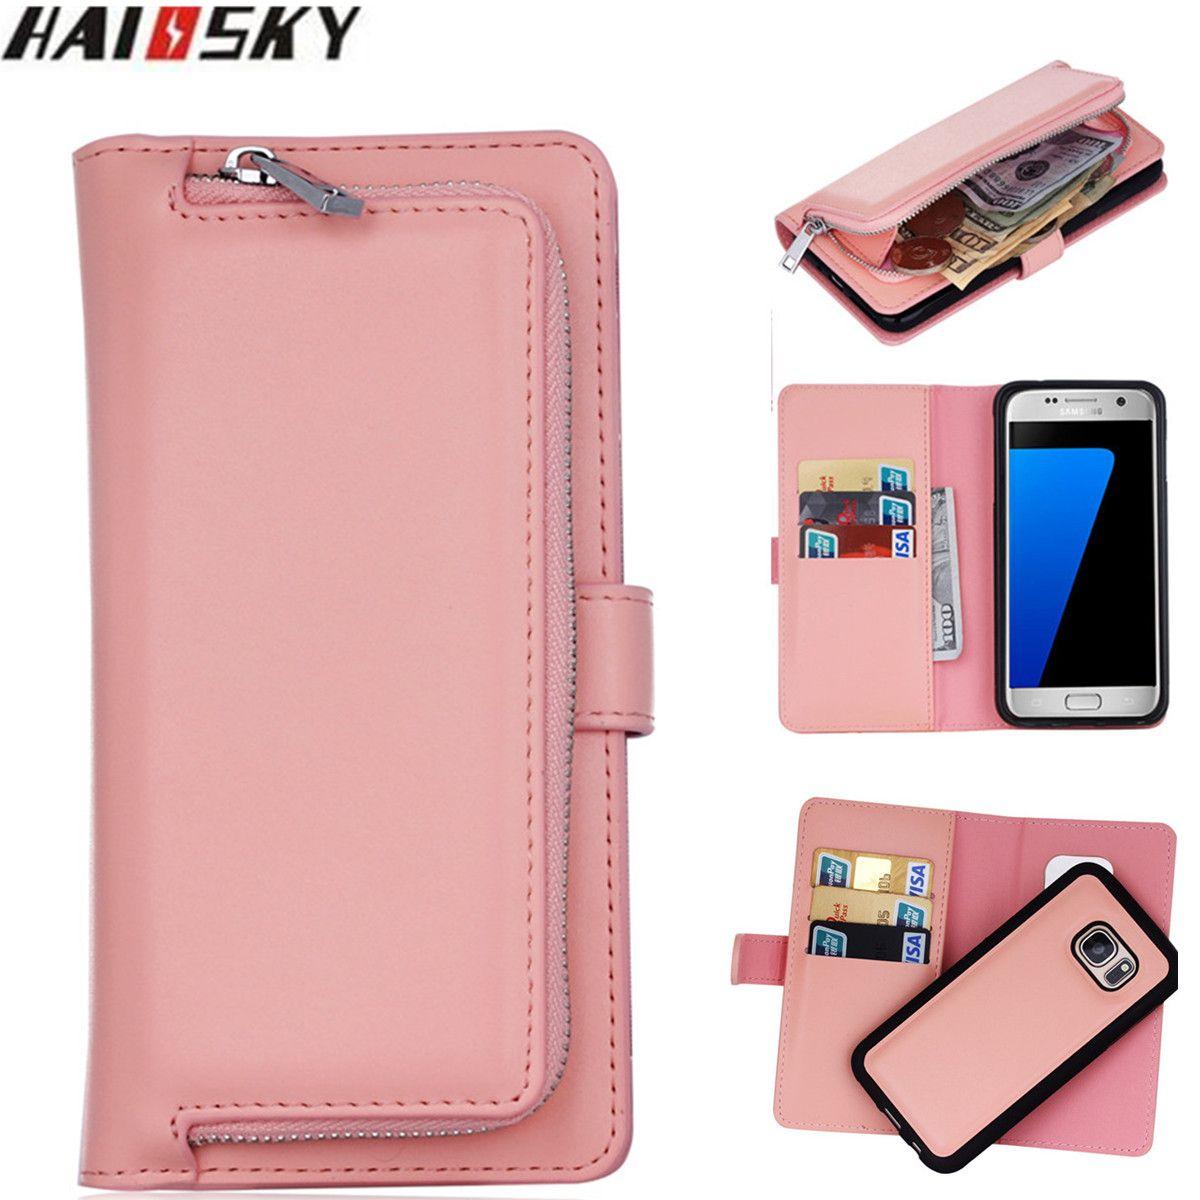 Zipper Portefeuille Cas de Téléphone Pour Samsung Galaxy S9 S8 Plus S7 S6 bord Flip En Cuir Magnétique Cas Pour Samsung S6 s5 Note 9 8 Couverture